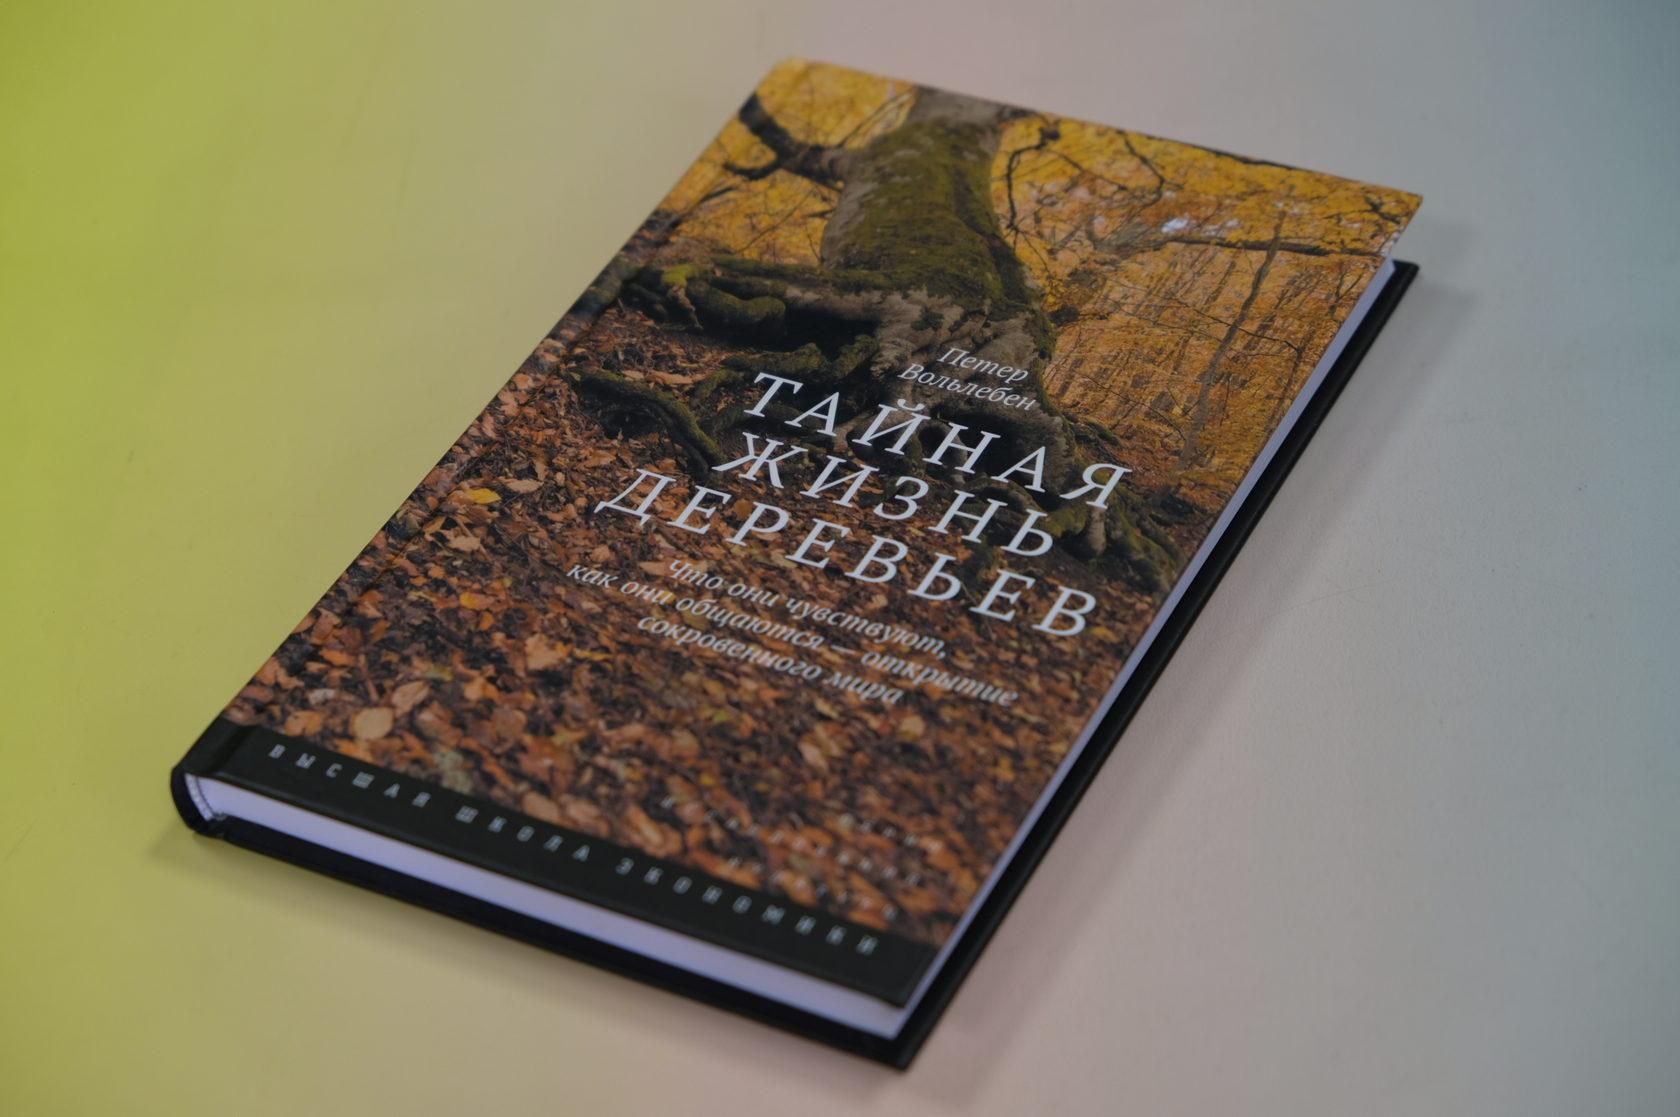 Купить книгу Петер Вольлебен «Тайная жизнь деревьев. Что они чувствуют, как они общаются — открытие сокровенного мира»  978-5-7598-1959-2